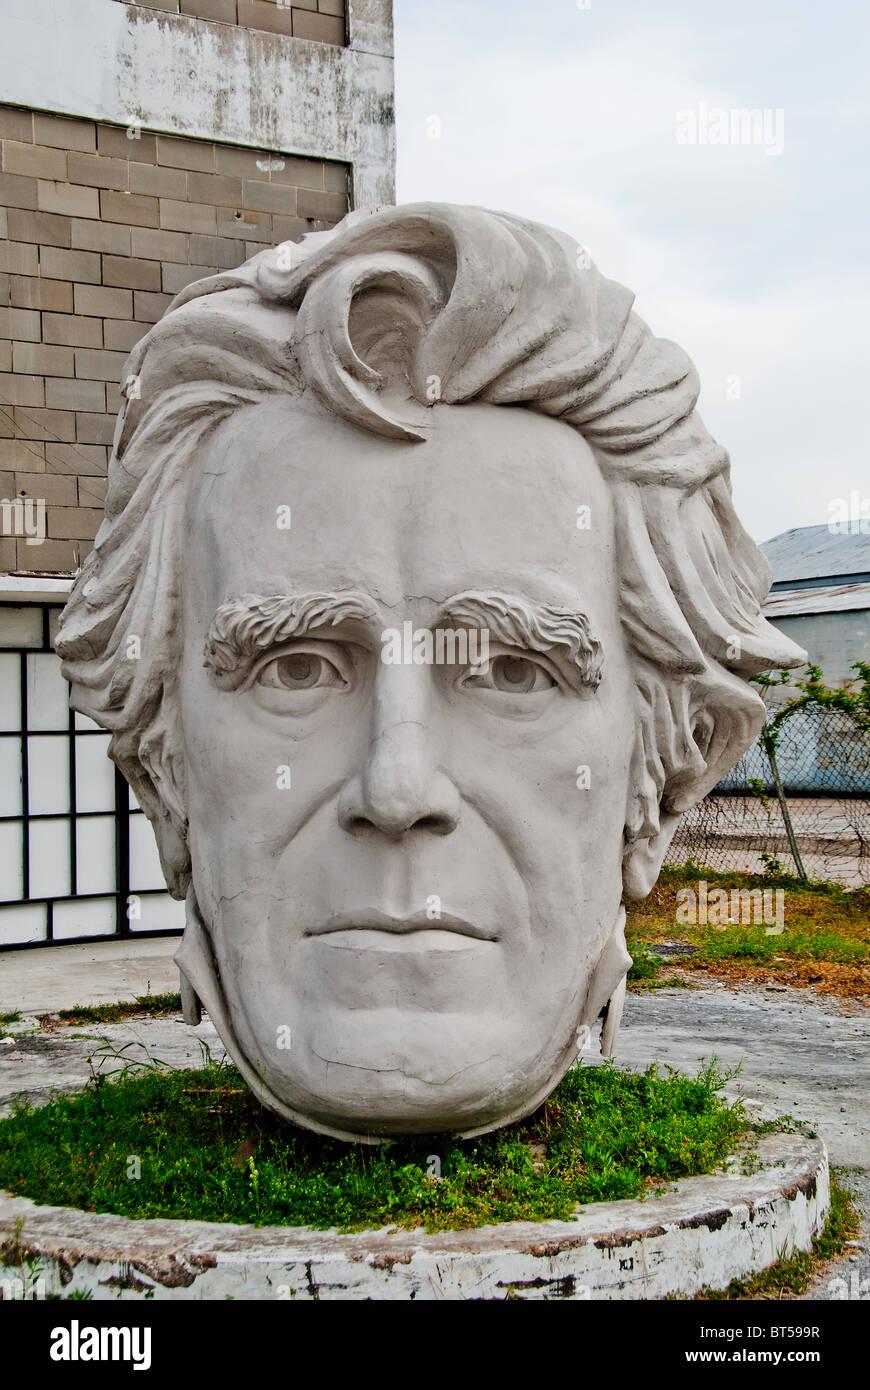 White concrete sculpture of Andrew Jackson (7th US President) at David Adickes Sculpturworx Studio in Houston, Texas, USA Stock Photo